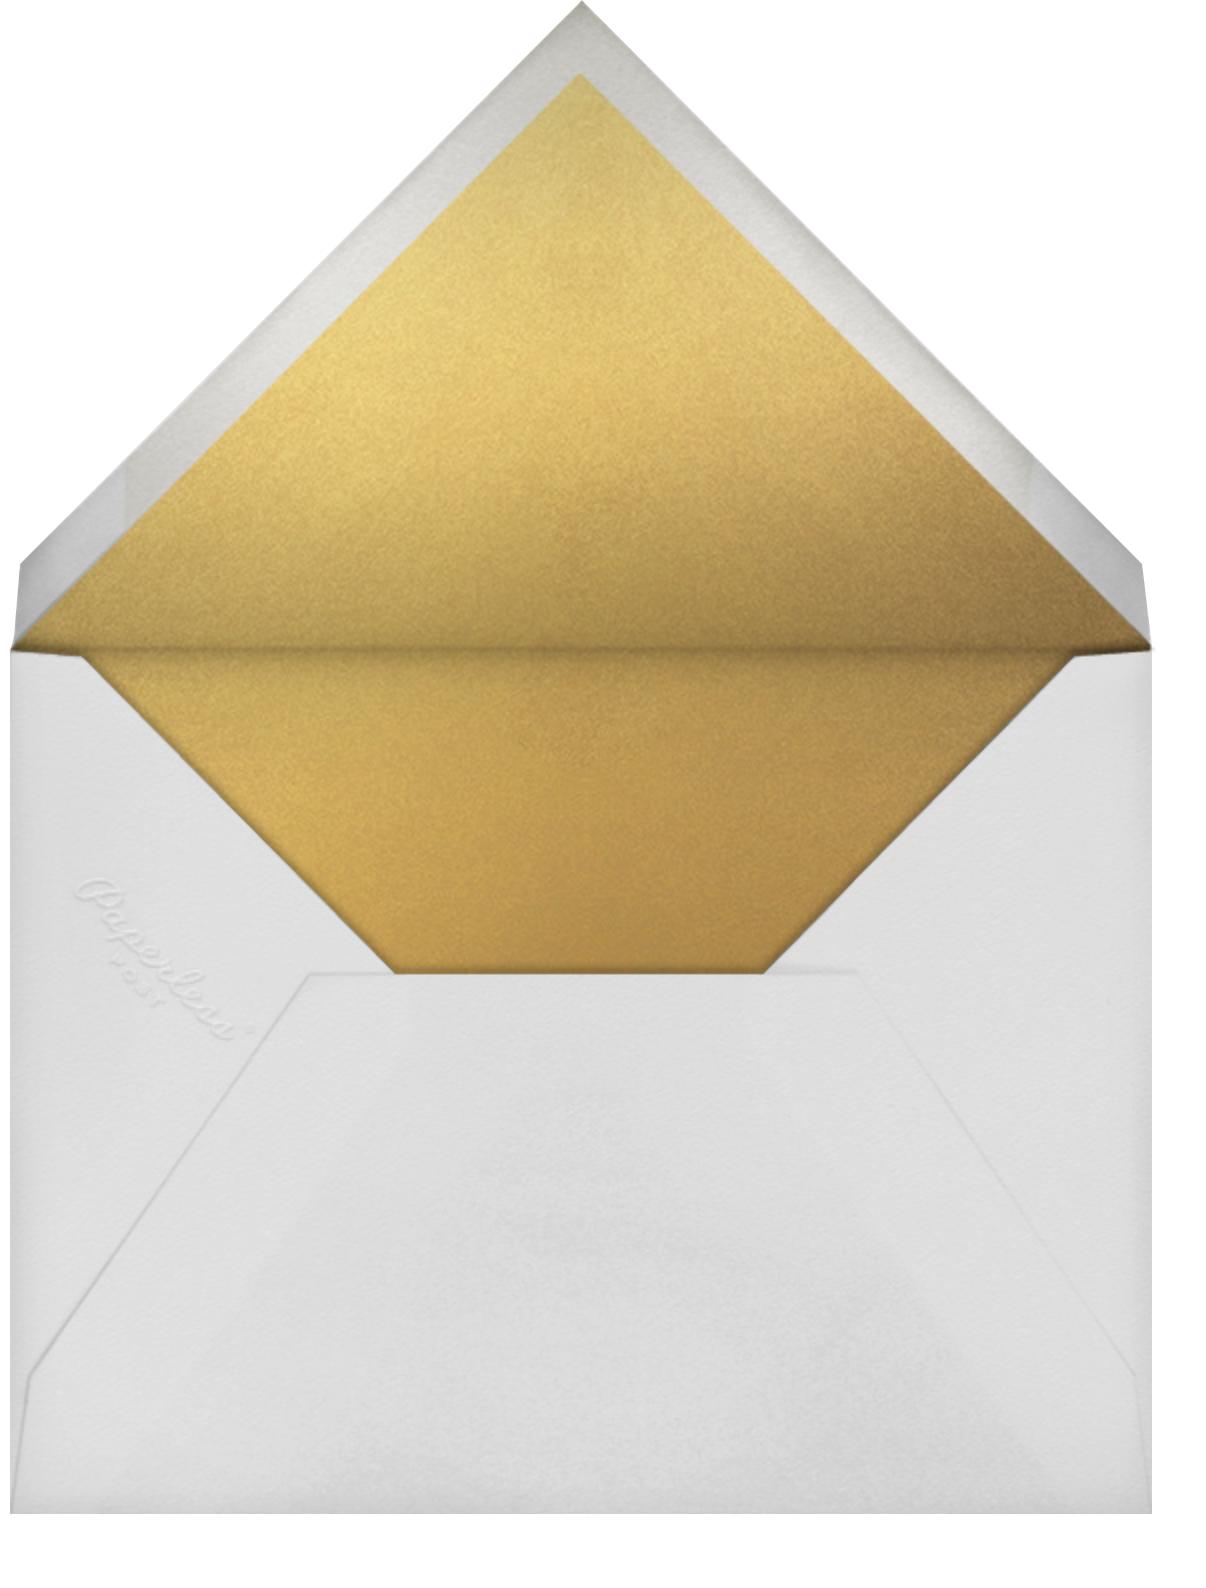 Keep the Old - Derek Blasberg - Birthday - envelope back